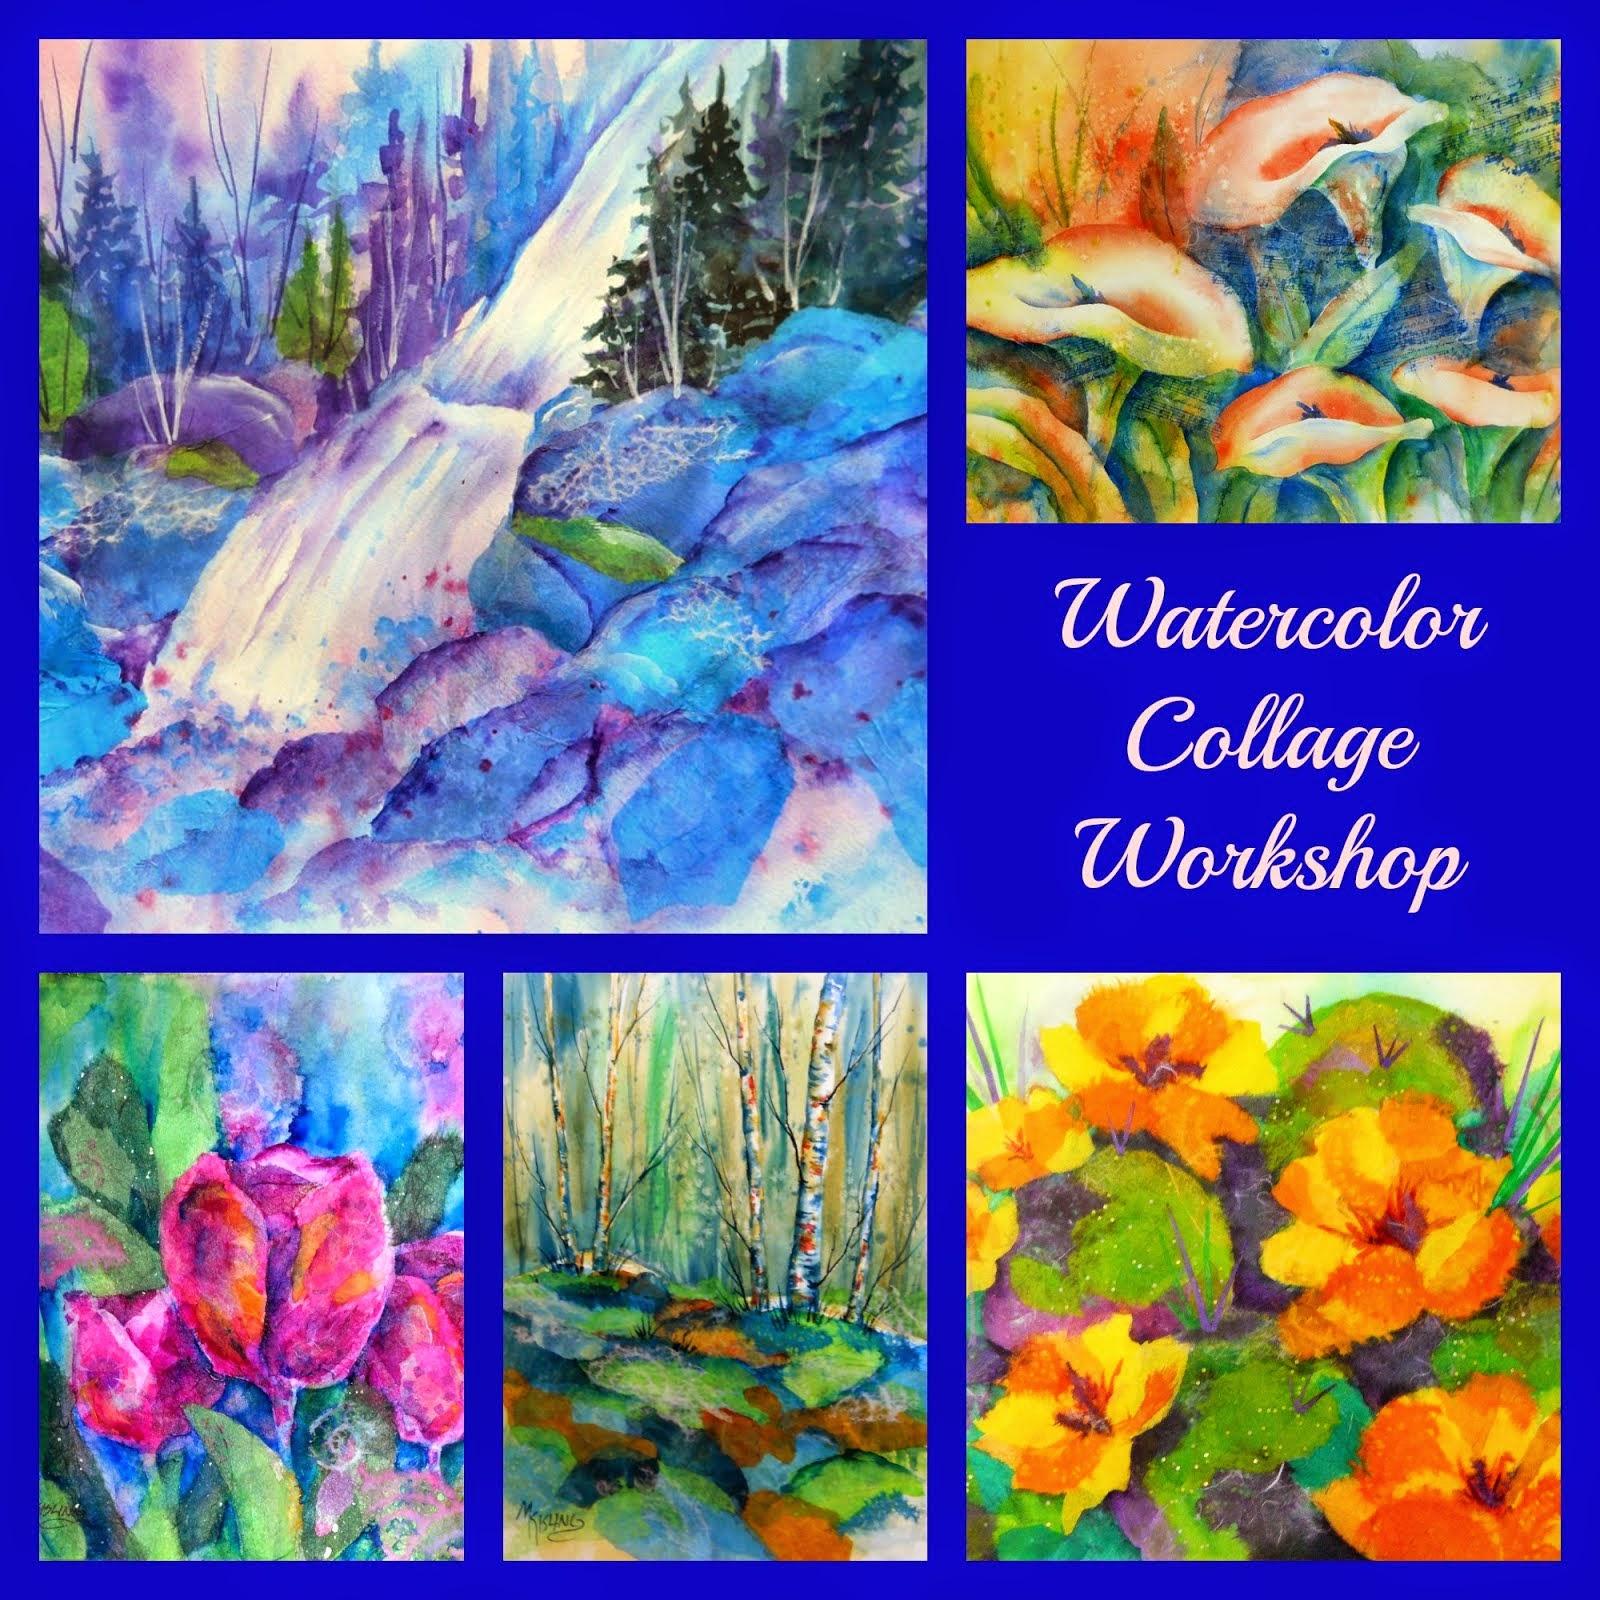 Watercolor Collage Workshop April 11, 2015 - Colorado Springs, CO